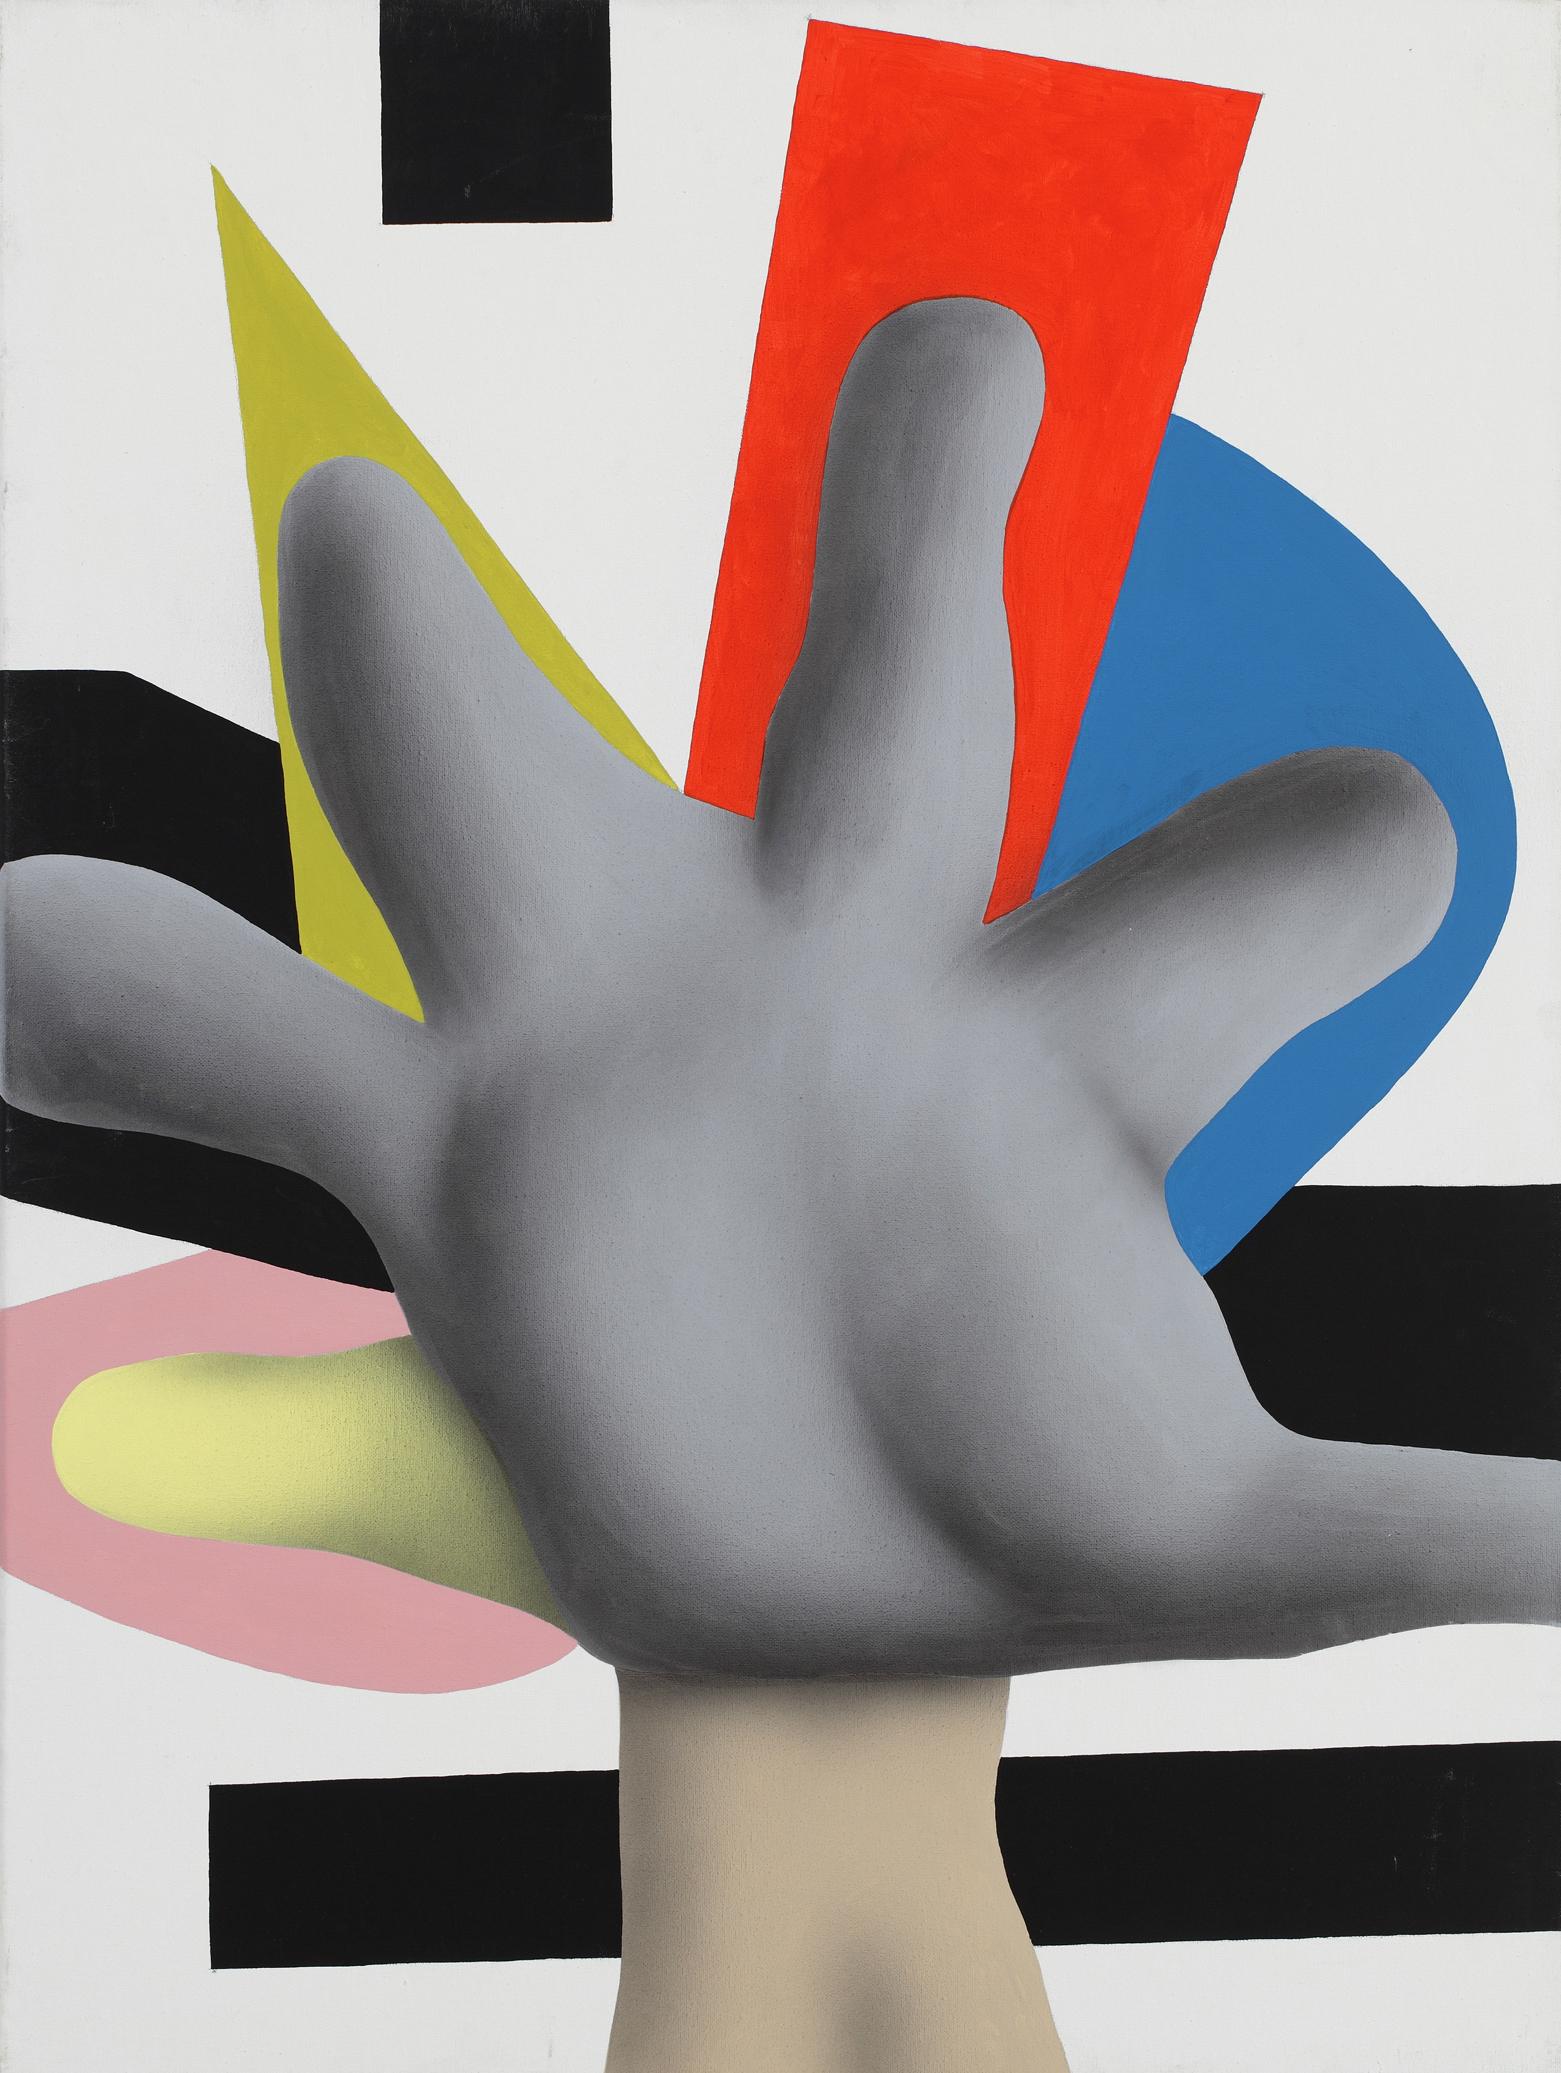 Sixth Finger, 2008, acrylic on canvas, 80 x 60 cm